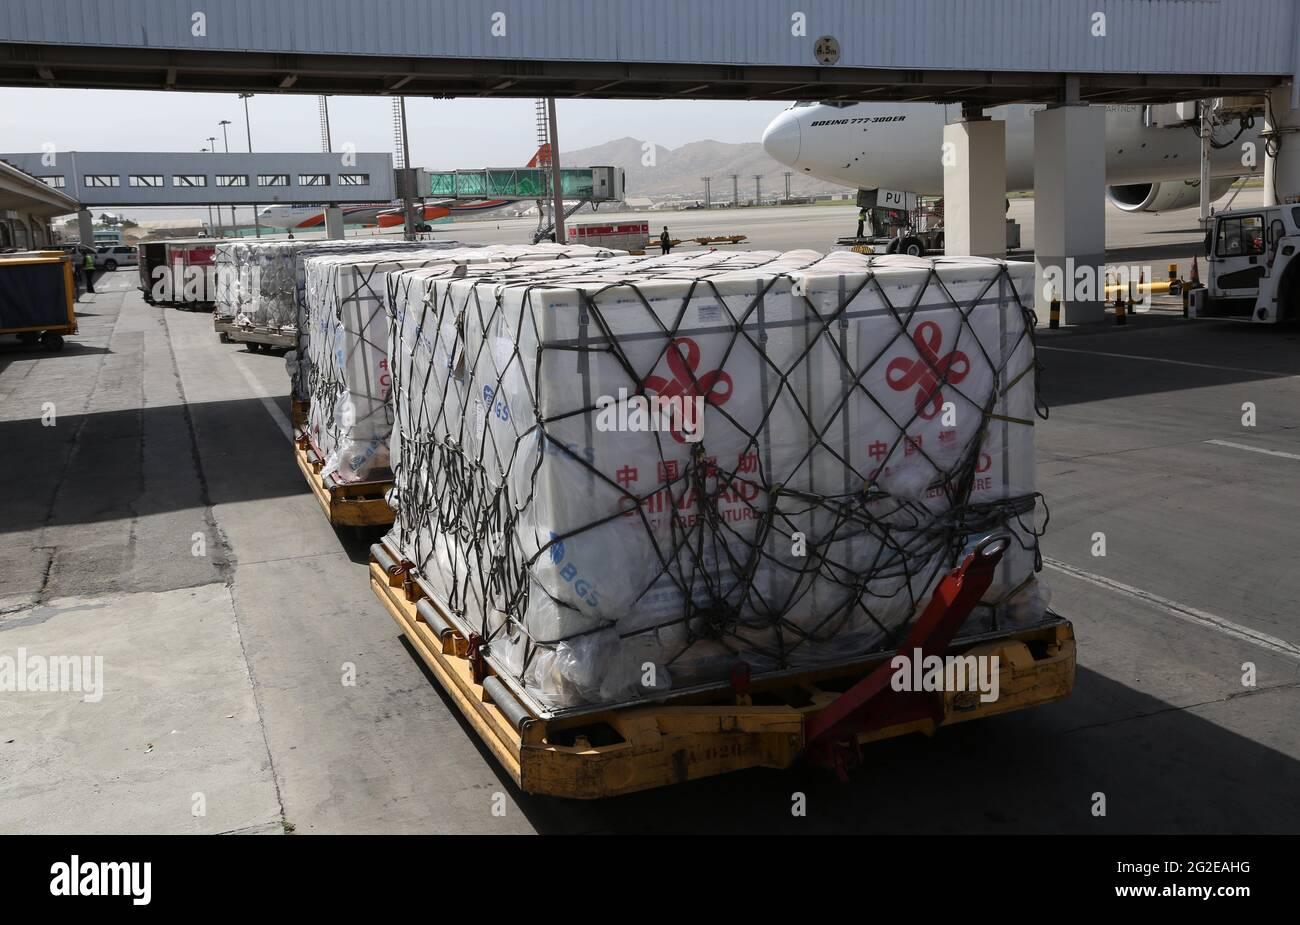 Kabul, Afghanistan. Juni 2021. Das am 10. Juni 2021 aufgenommene Foto zeigt Pakete mit chinesischen COVID-19-Impfstoffen, die am Hamid Kazia International Airport in Kabul, der Hauptstadt Afghanistans, ankommen. Eine Charge von COVID-19-Impfstoffen, die von der chinesischen Regierung gespendet wurden, traf am Donnerstag in Kabul, der Hauptstadt Afghanistans, ein. Quelle: Rahmatullah Alizadah/Xinhua/Alamy Live News Stockfoto